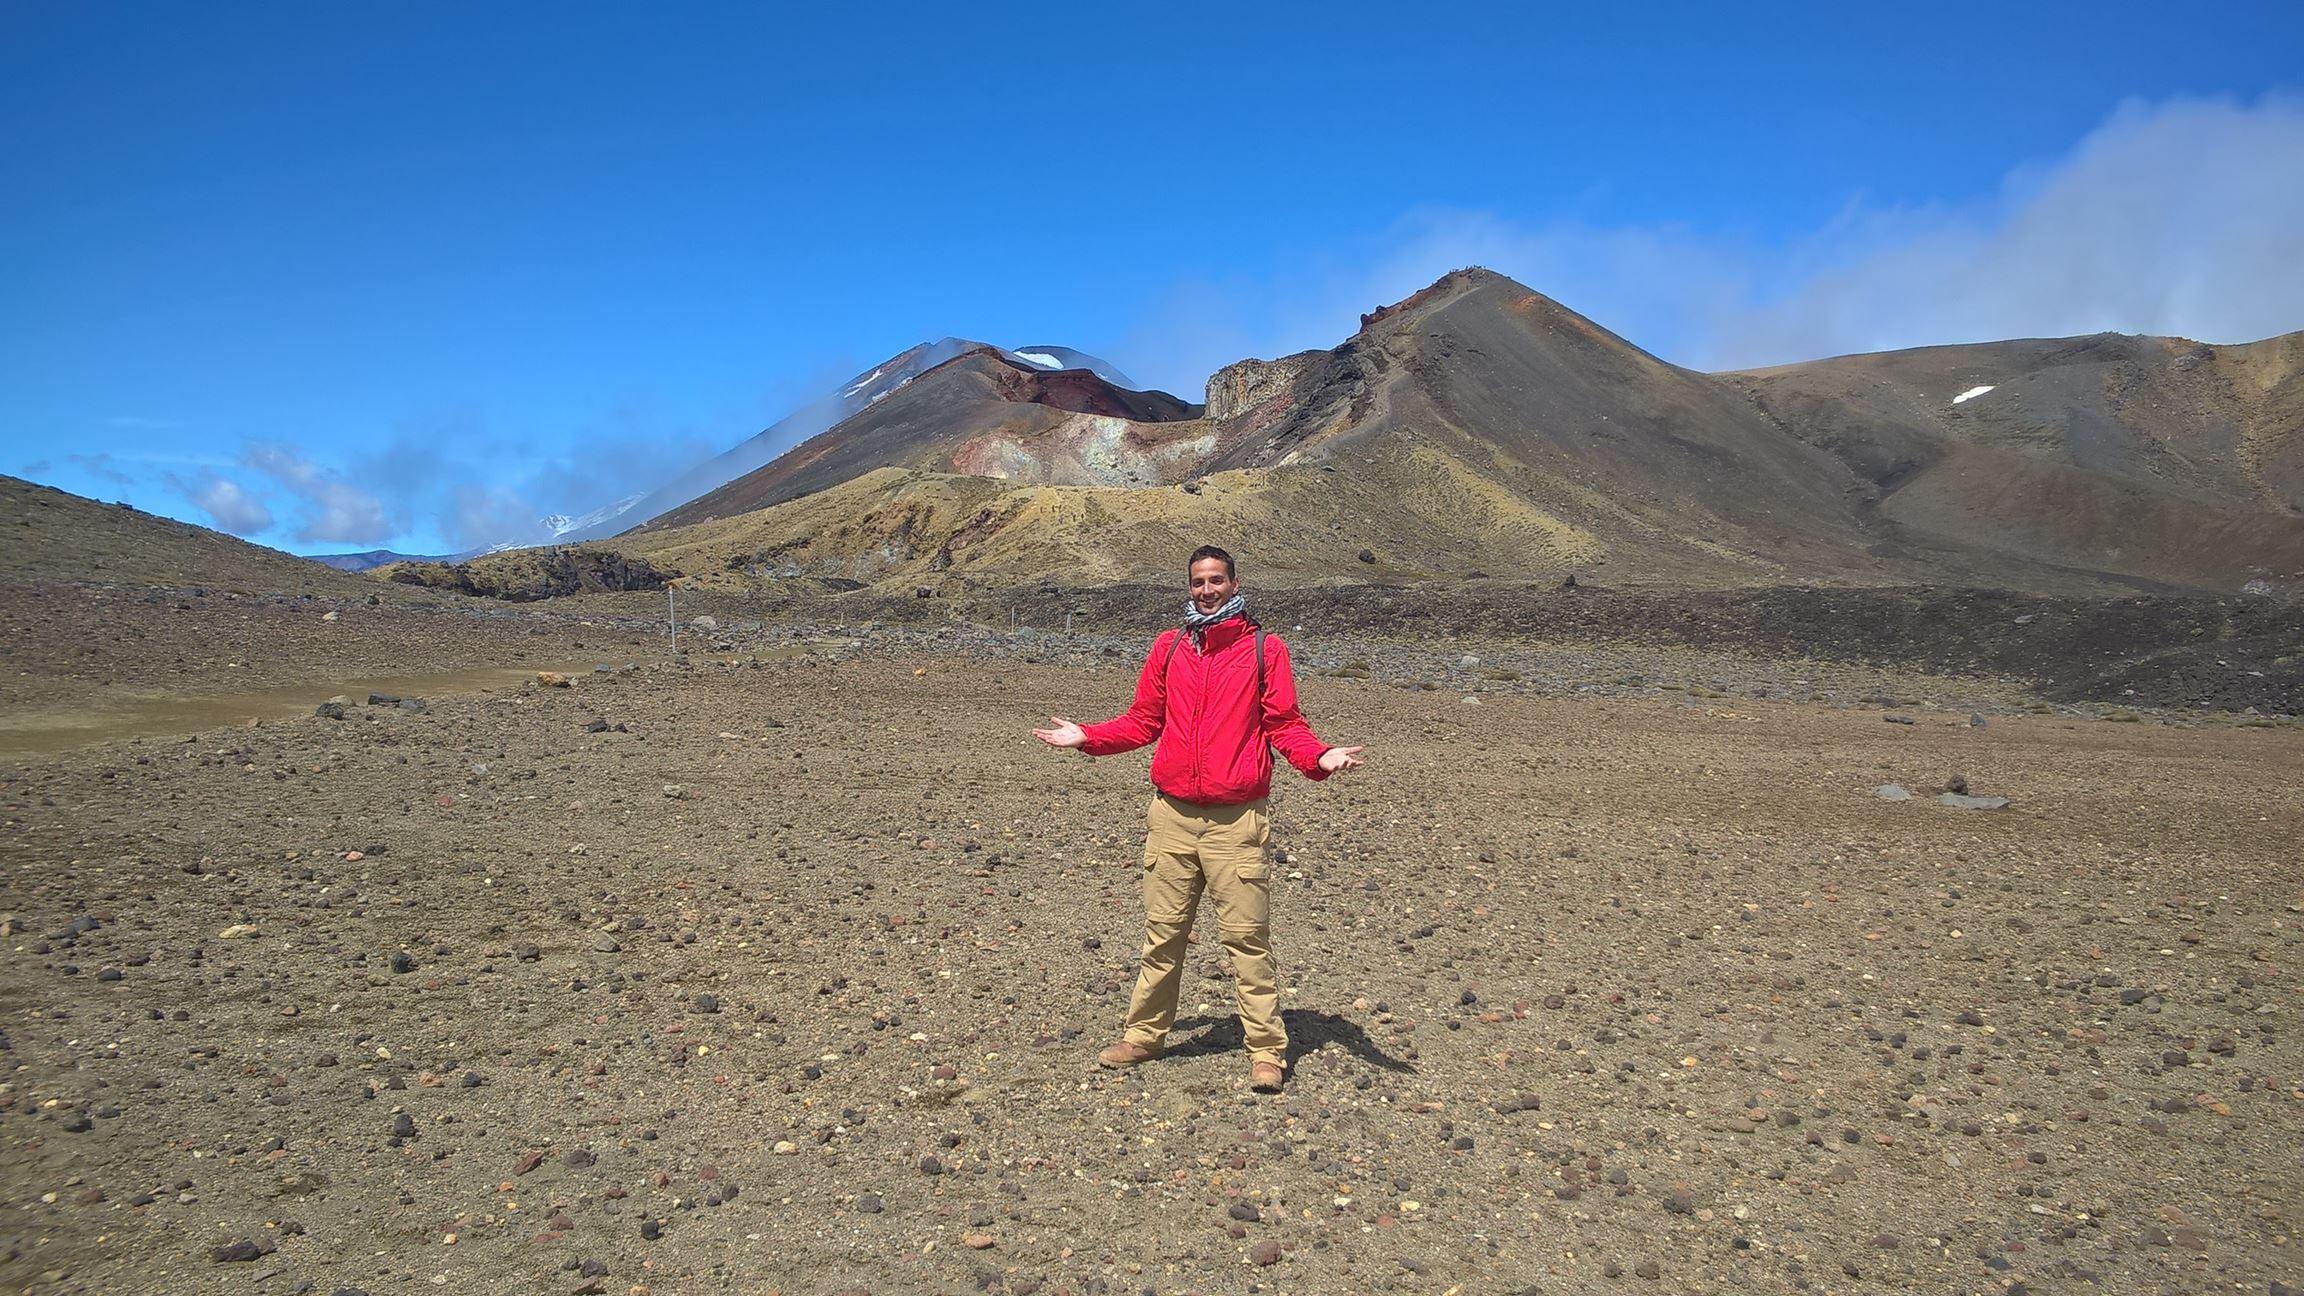 Mount Doom im Hintergrund